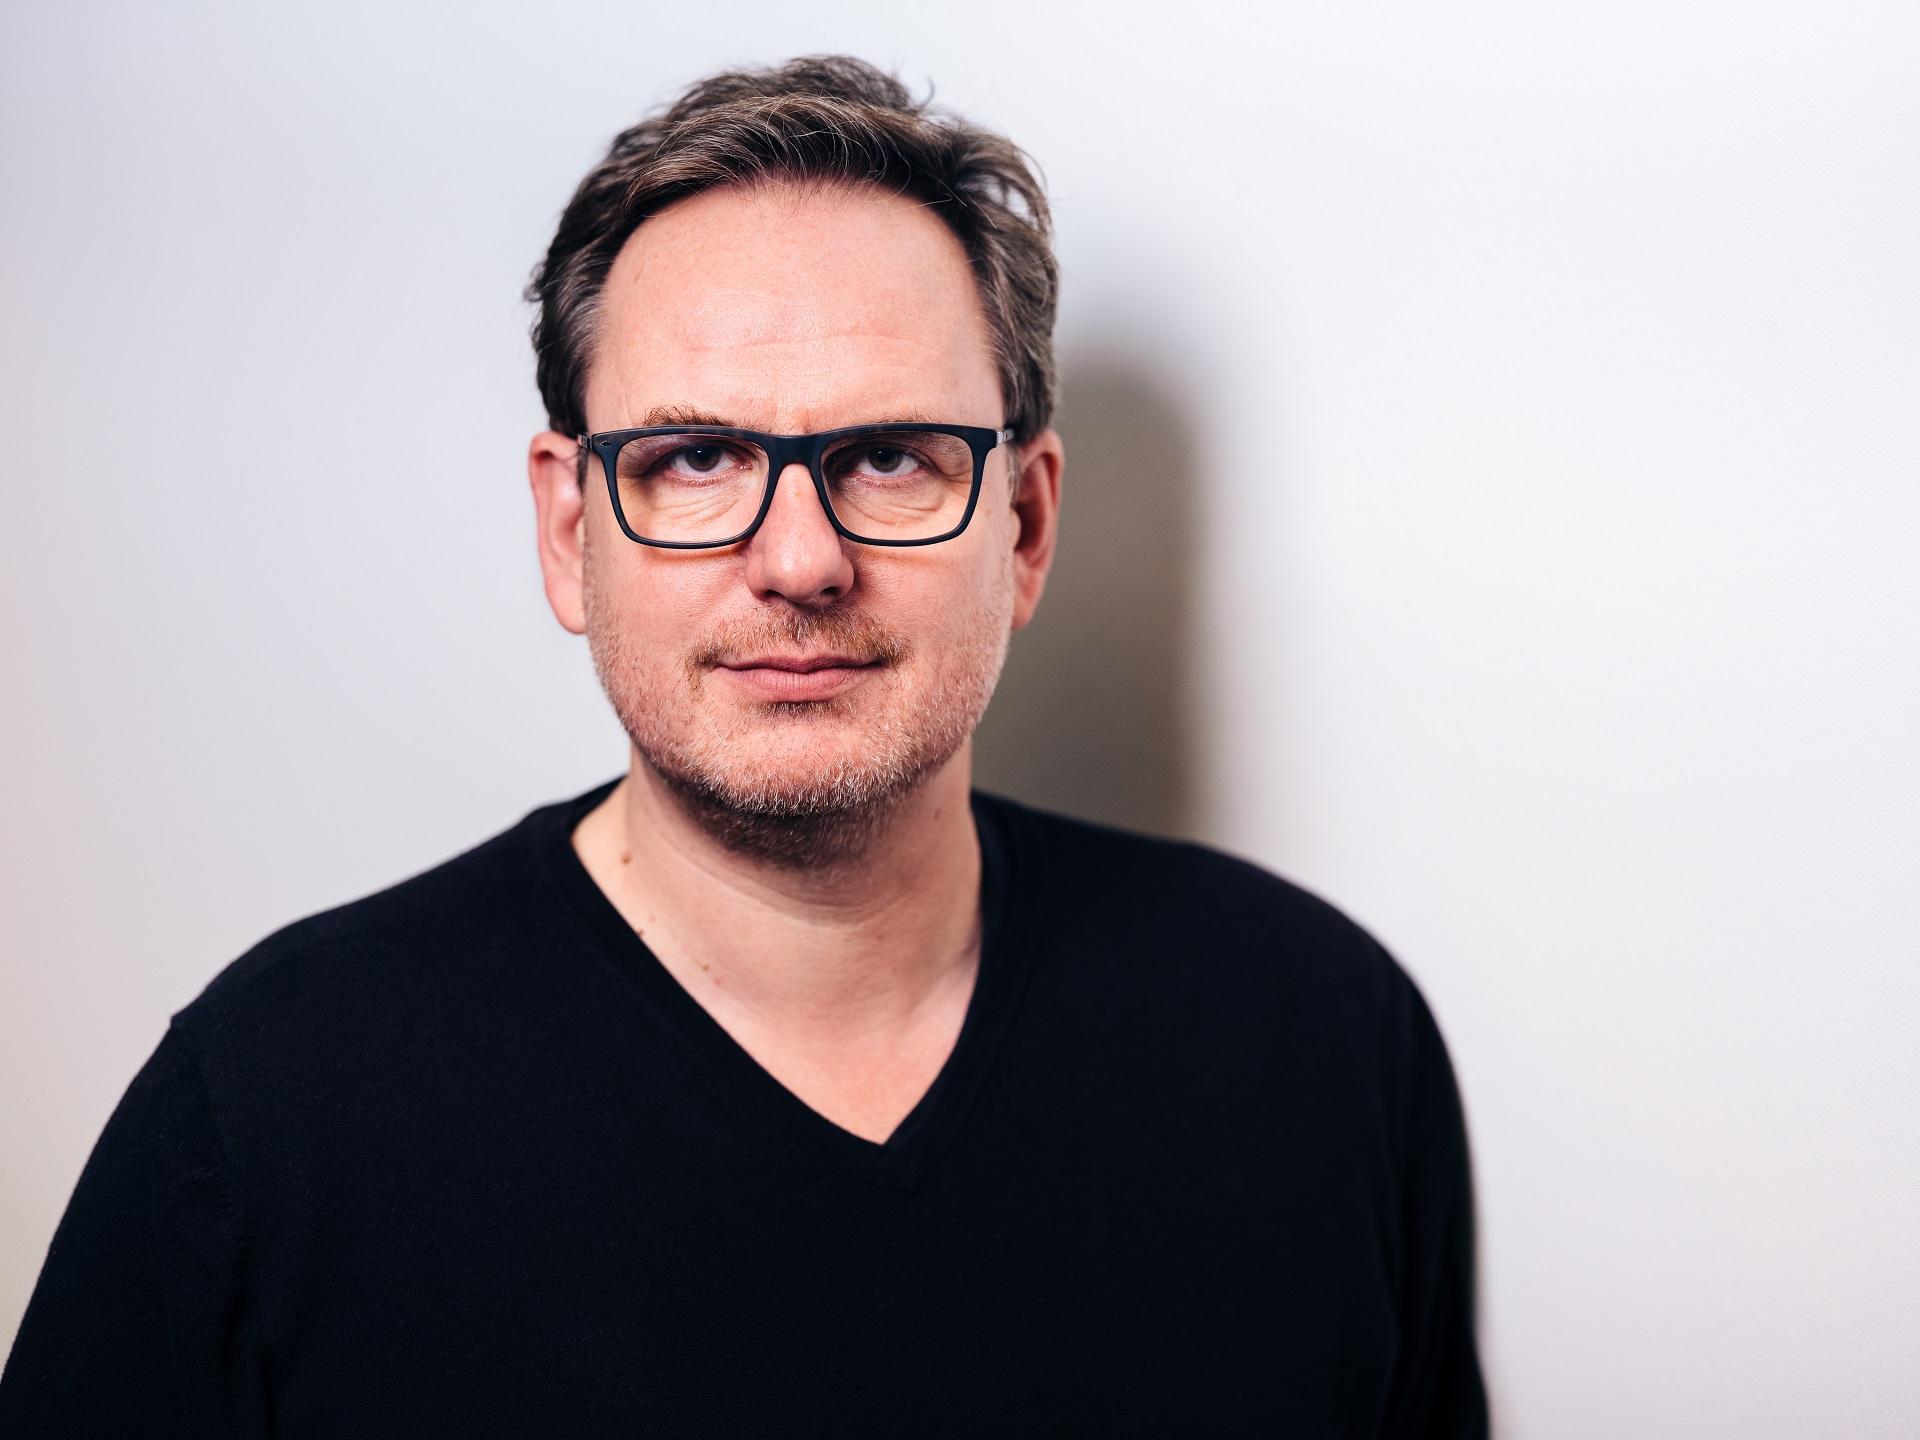 Dirk Heynen